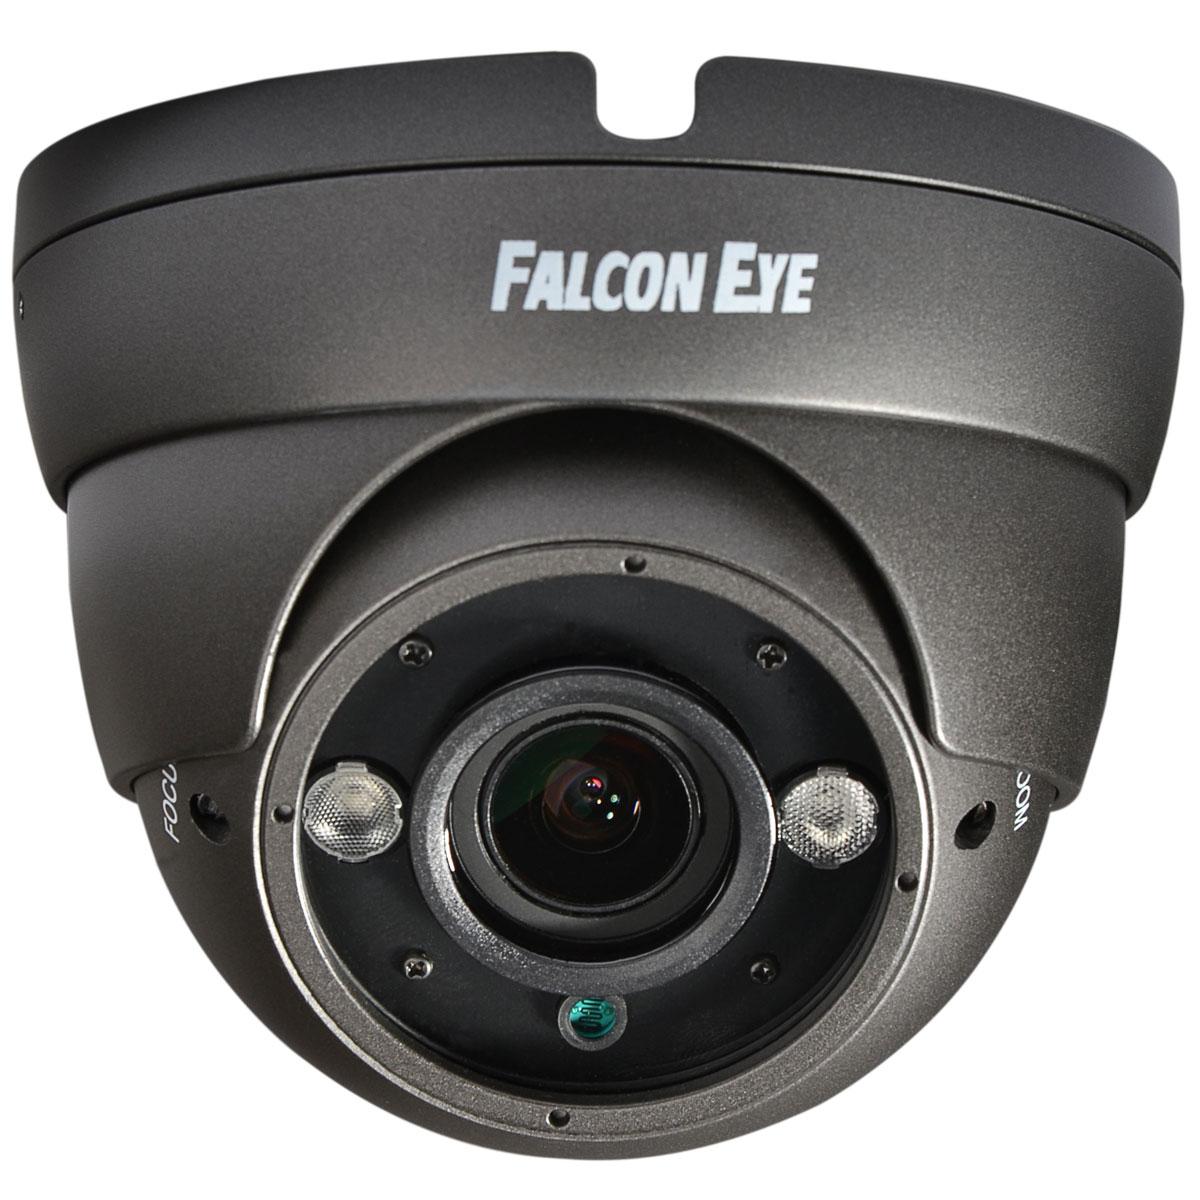 Falcon Eye FE-IDV1080AHD/35M, Grey камера видеонаблюденияFE-IDV1080AHD/35M СЕРАЯFalcon Eye FE-IDV1080AHD/35M - всепогодная AHD-камера, прекрасно подойдет для наружного и внутреннего наблюдения. Данная модель обладает высокопрочным корпусом, благодаря чему надежно защищена от воздействия влаги и пыли, и приспособлена к работе в широком температурном диапазоне, благодаря чему подходит для эксплуатации в неотапливаемых помещениях и на улице. Одной из главных достоинств данной камеры является ее высокое качество съемки, обеспечиваемое матрицей Sony Exmor CMOS IMX322.Камера обладает компактными размерами и эргономичной конструкцией, которая позволяет максимально быстро установить ее в необходимом месте. Кроме того, благодаря внедрению в данной модели ряда передовых разработок камера обладает чрезвычайно низким энергопотреблением. Стоит также отметить, что дальность передачи сигнала данной камеры может достигать 500 м. Если вы решили организовать надежную систему видеонаблюдения, тогда данная модель - это именно то, что вам нужно.Процессор: NVP2441HСигнал/шум: 50 дБКрепление: М14Потребление: 100/340 мАВидеовыход: AHD или аналоговый выход